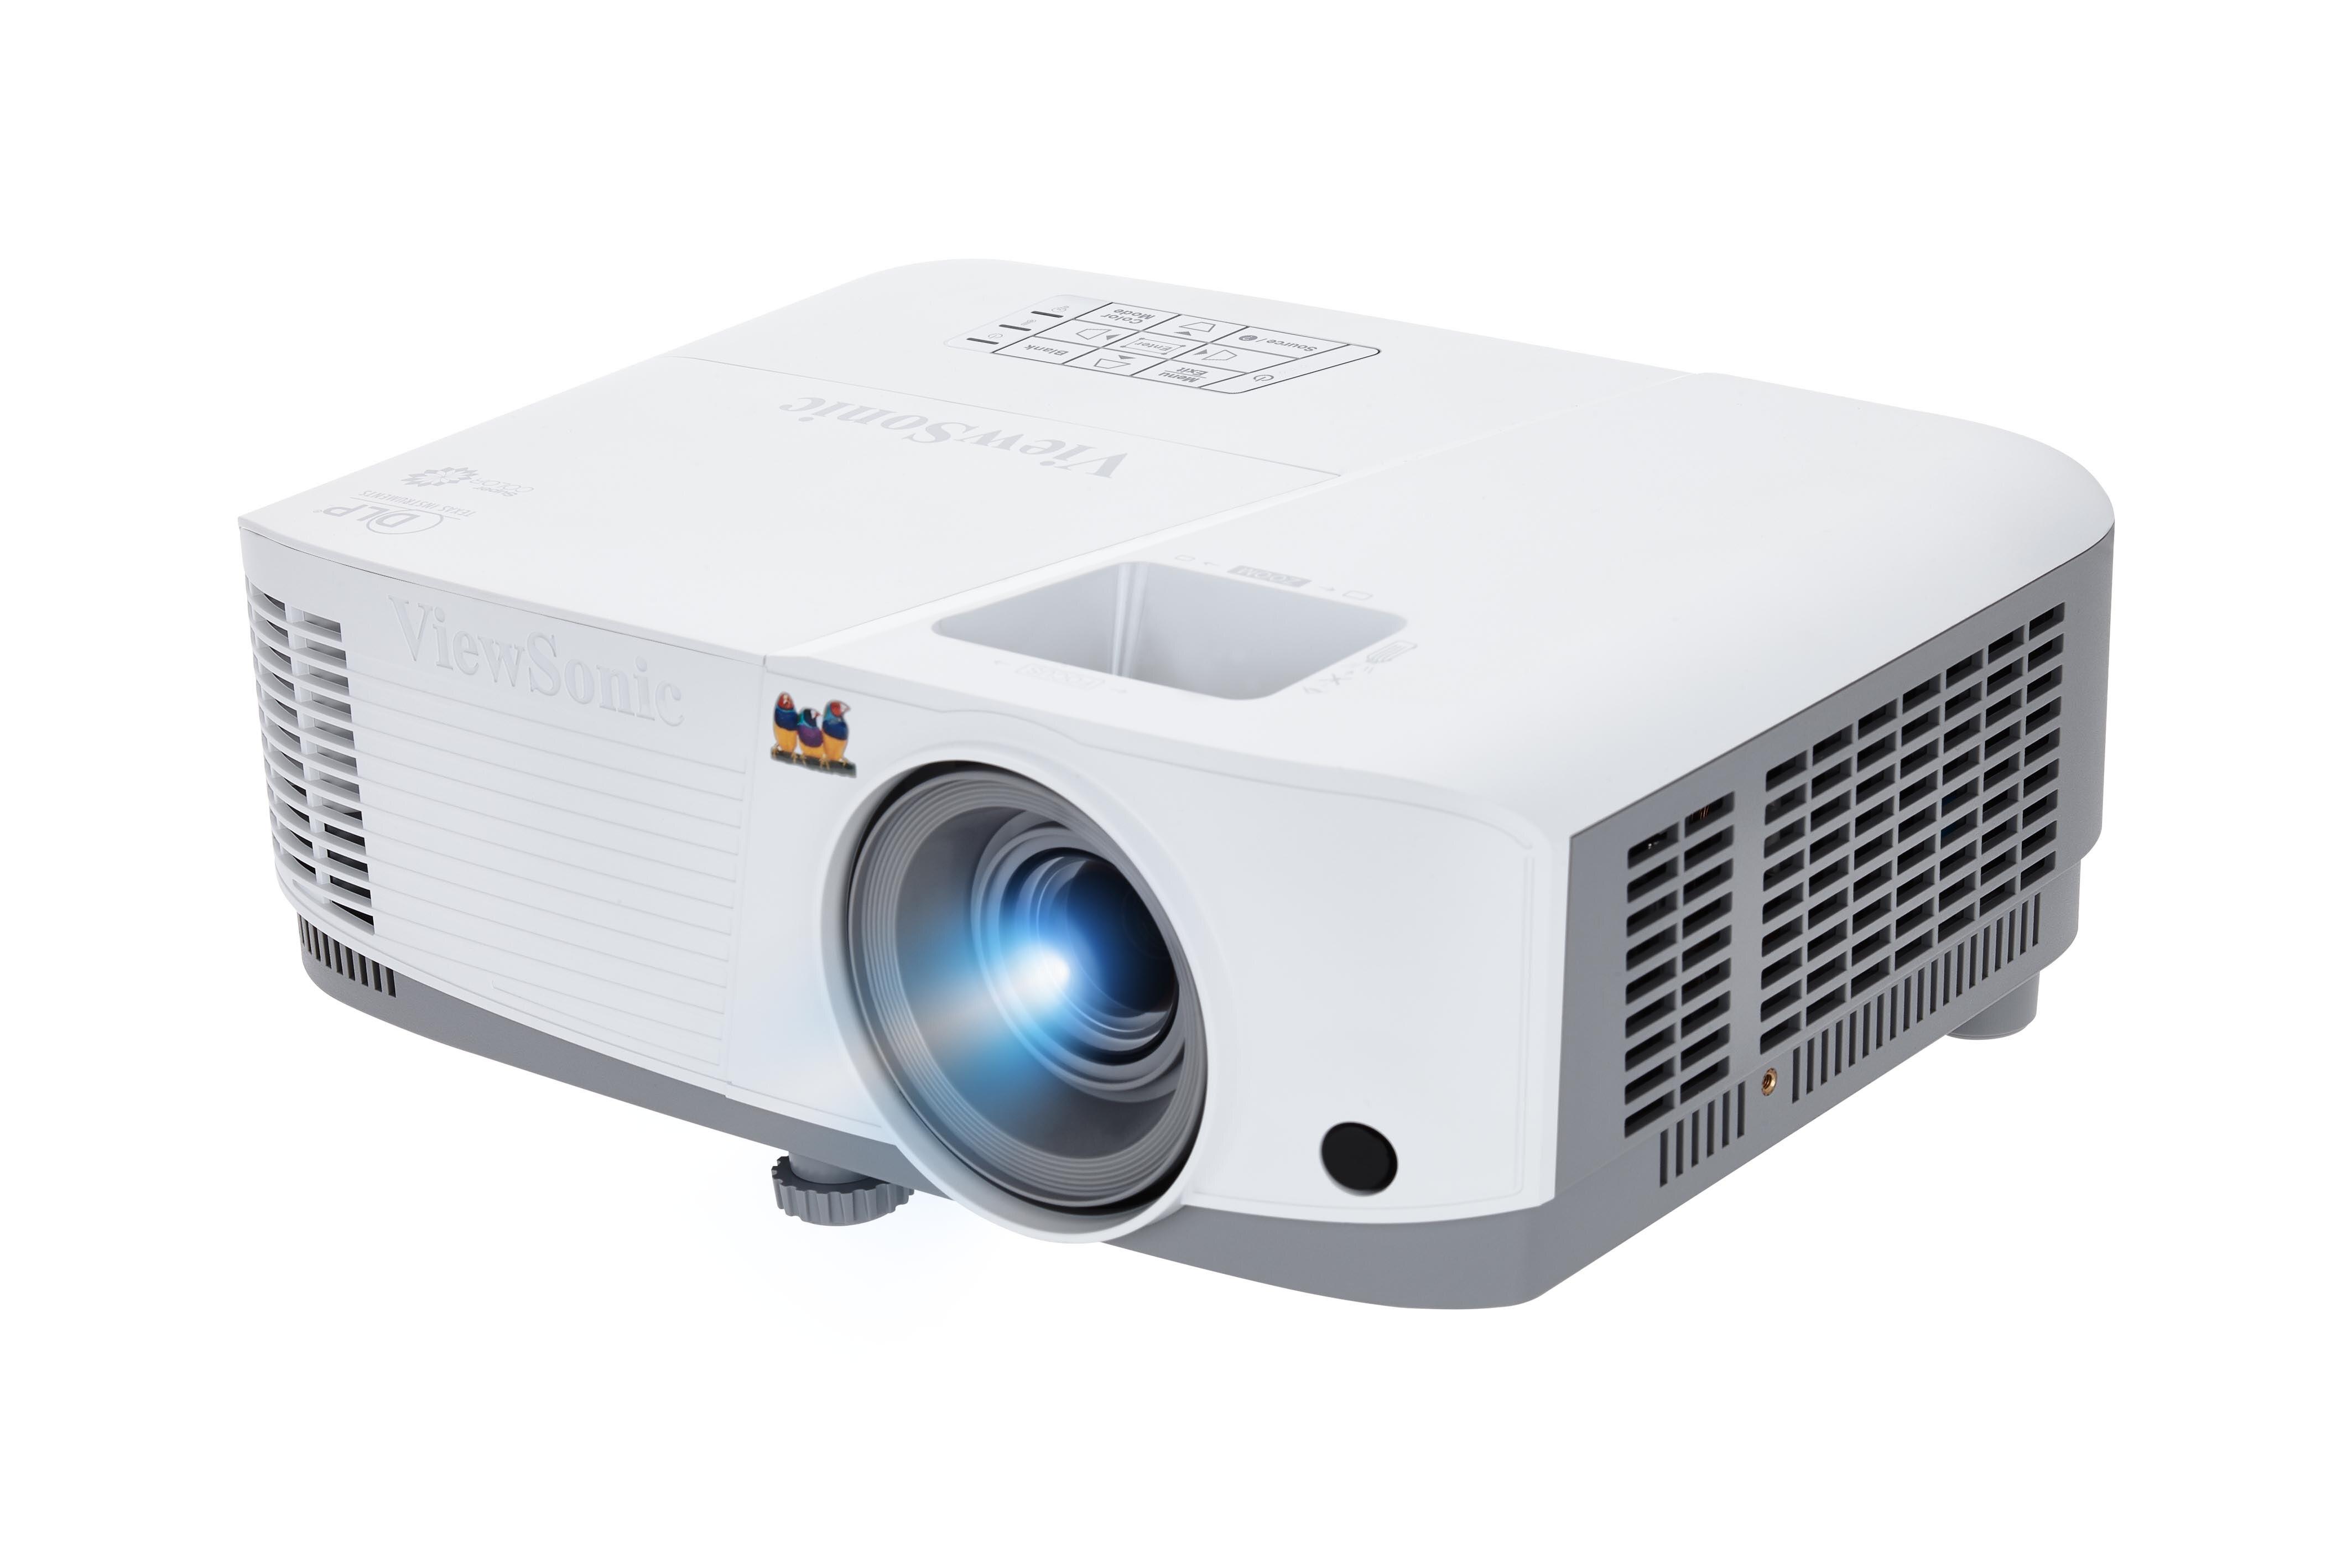 分期0利率 ViewSonic PG603W 智能USB讀取投影機 3600ANSI WXGA 公司貨保固3年▲最高點數回饋23倍送▲